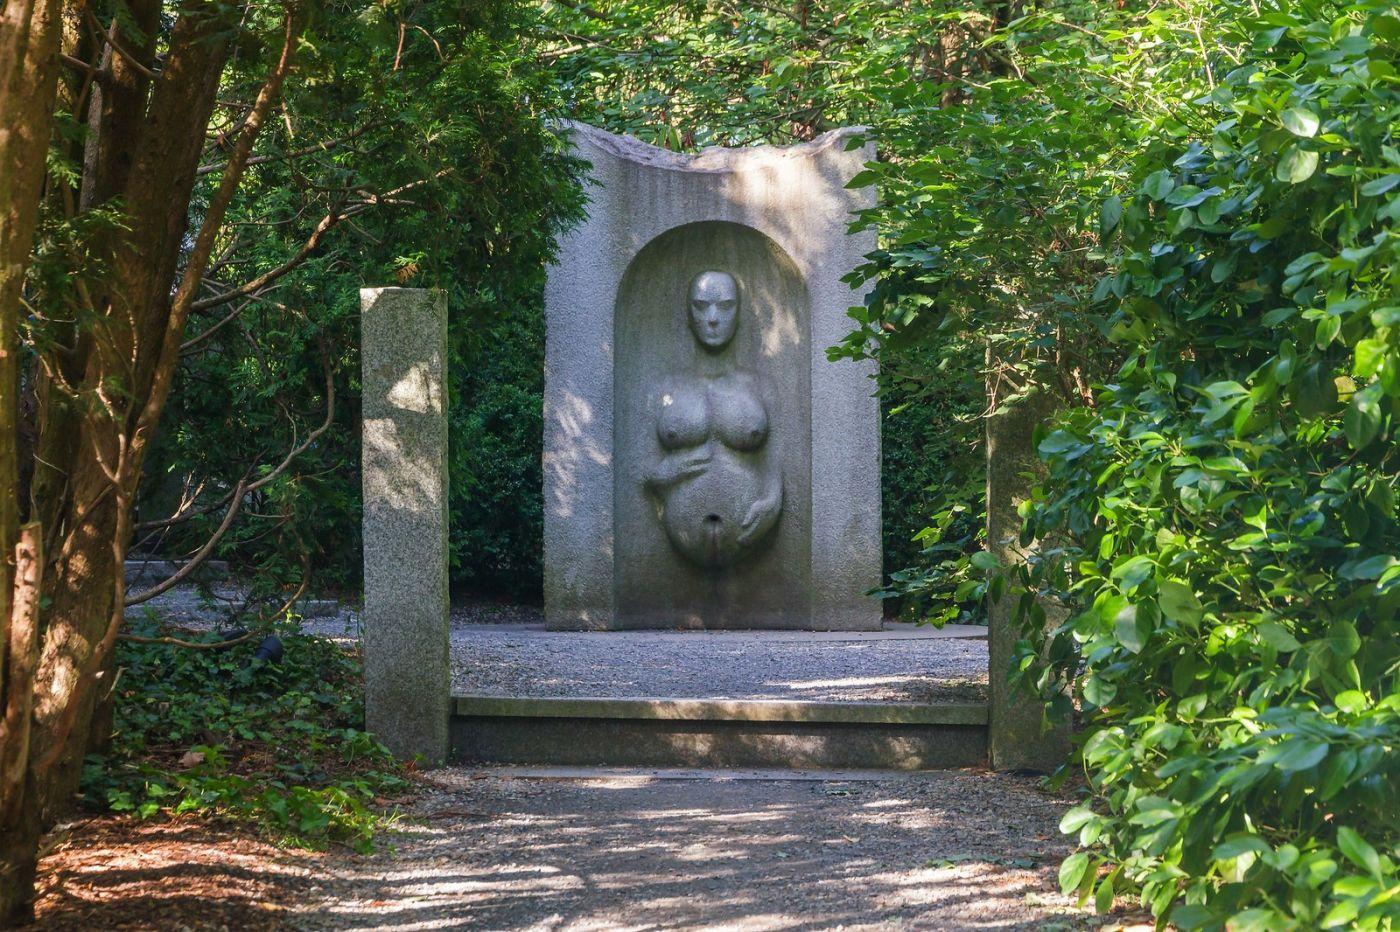 新澤西州雕塑公園(Grounds for scuplture),題材很廣_圖1-36